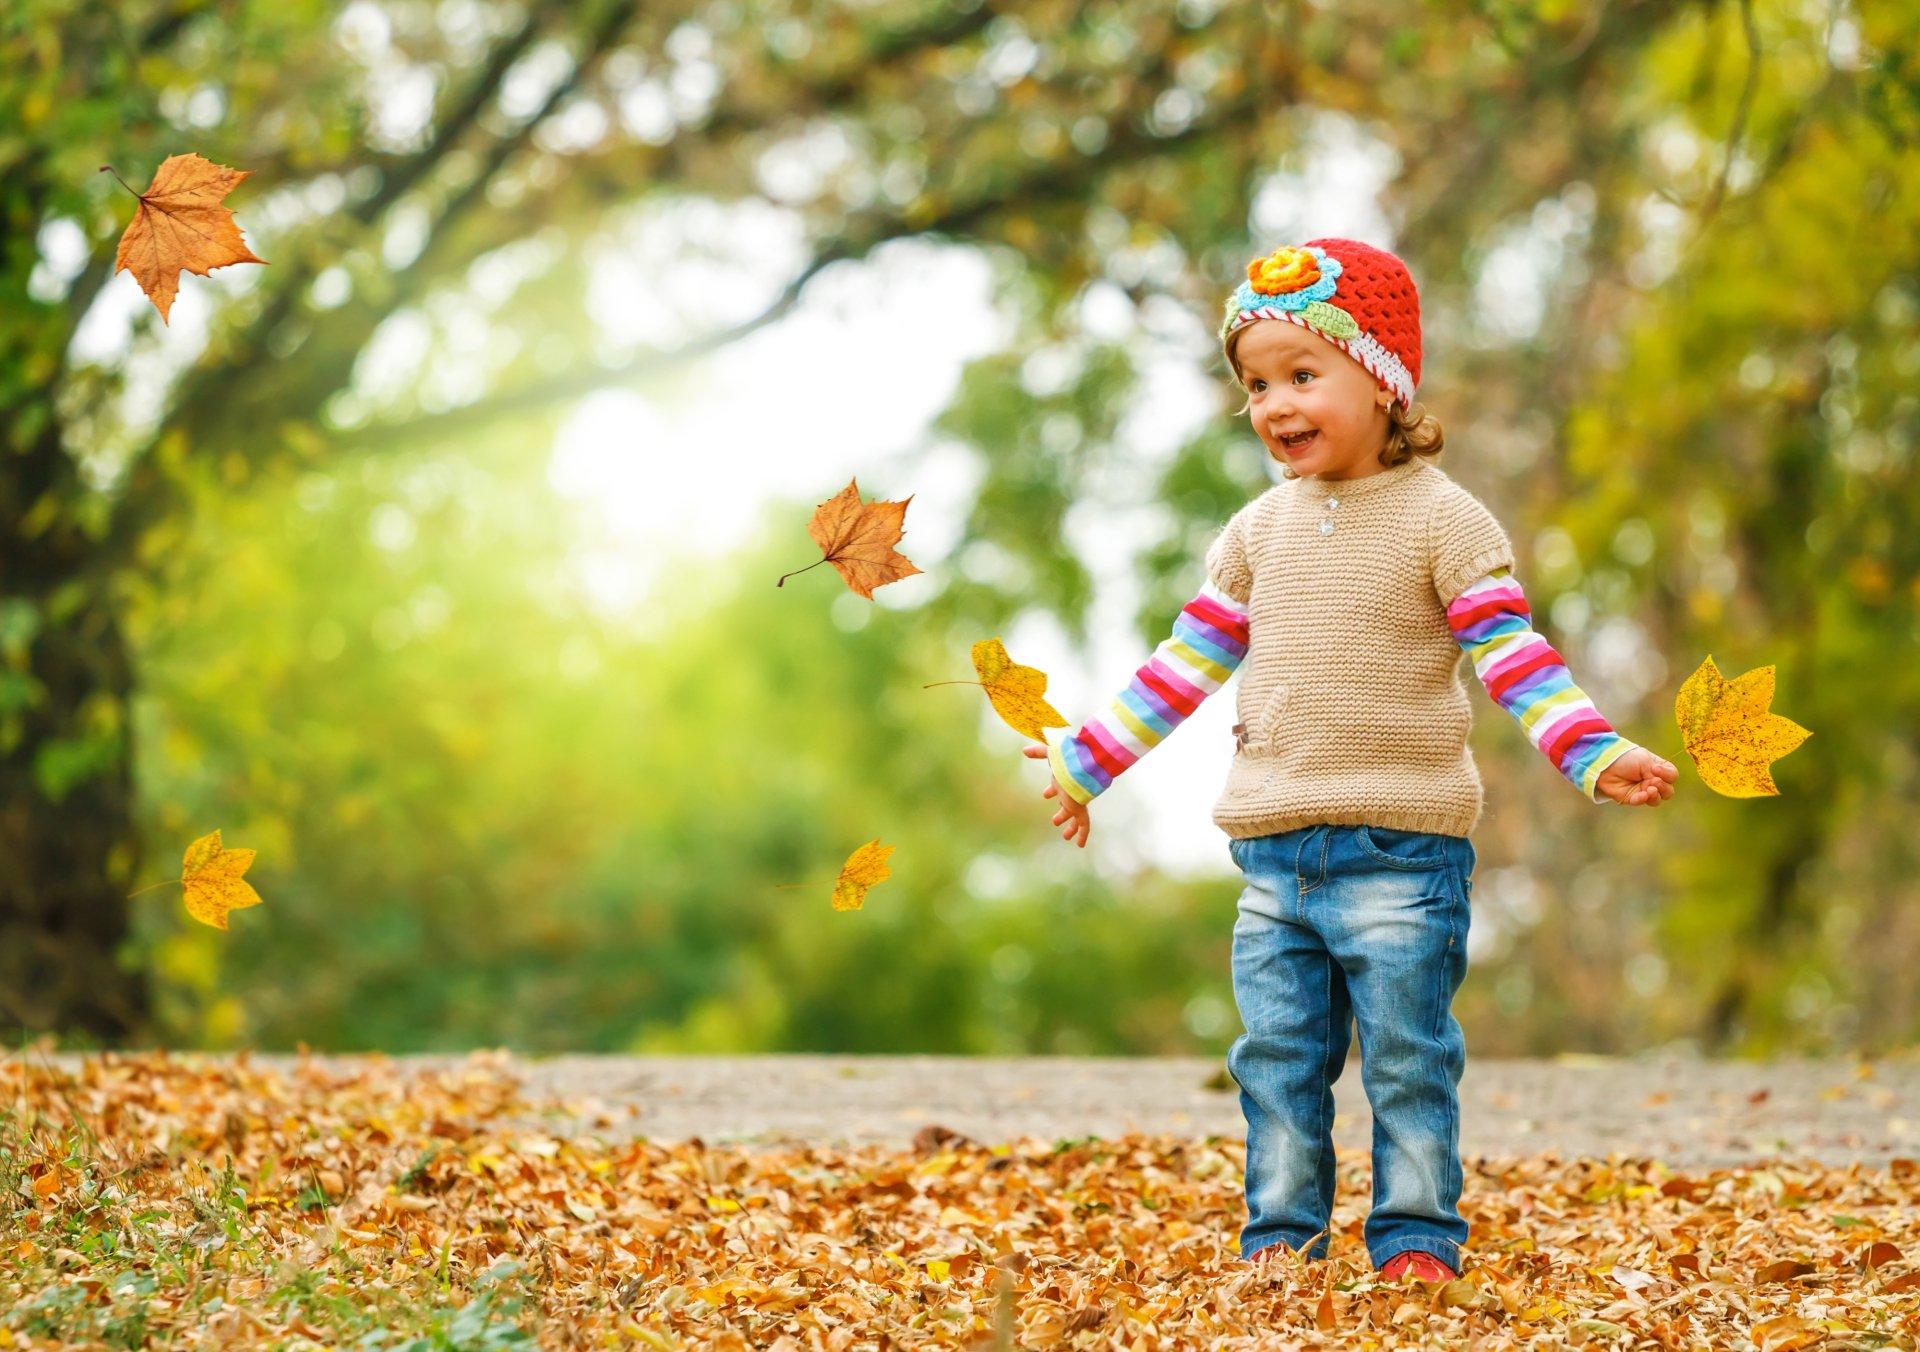 Девушками наушниках, картинки дети осенью играют